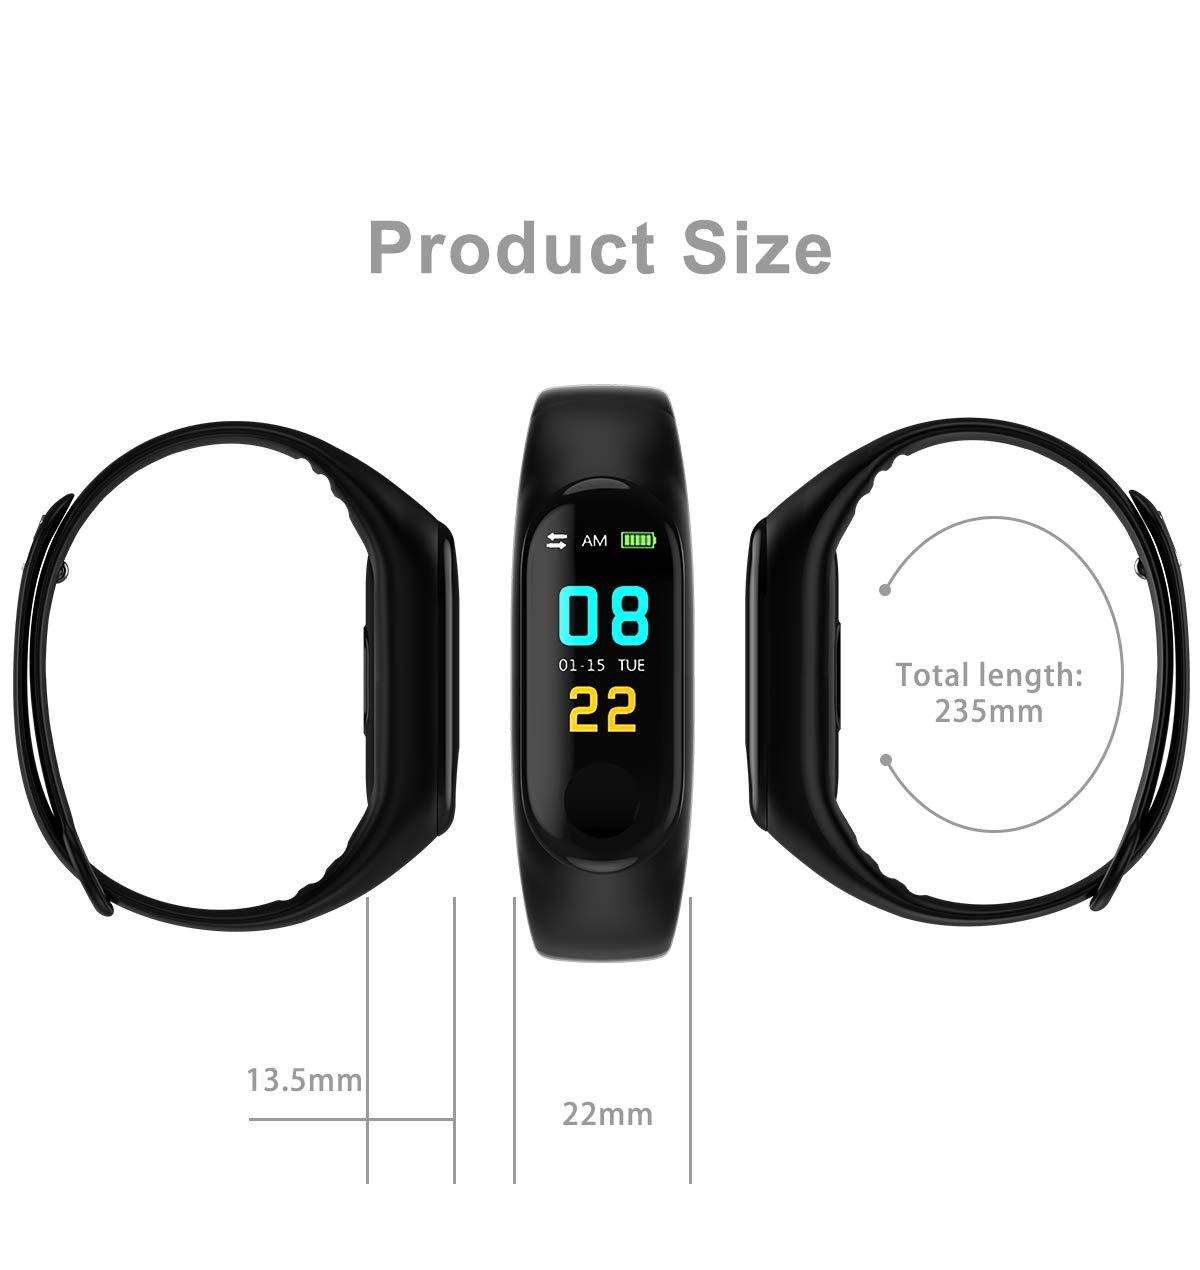 NMJG M3 Pulsera de Actividad, Impermeable IP68 Monitores Inteligente con Pulsómetro Fitness Tracker Smartwatch Reloj… 8